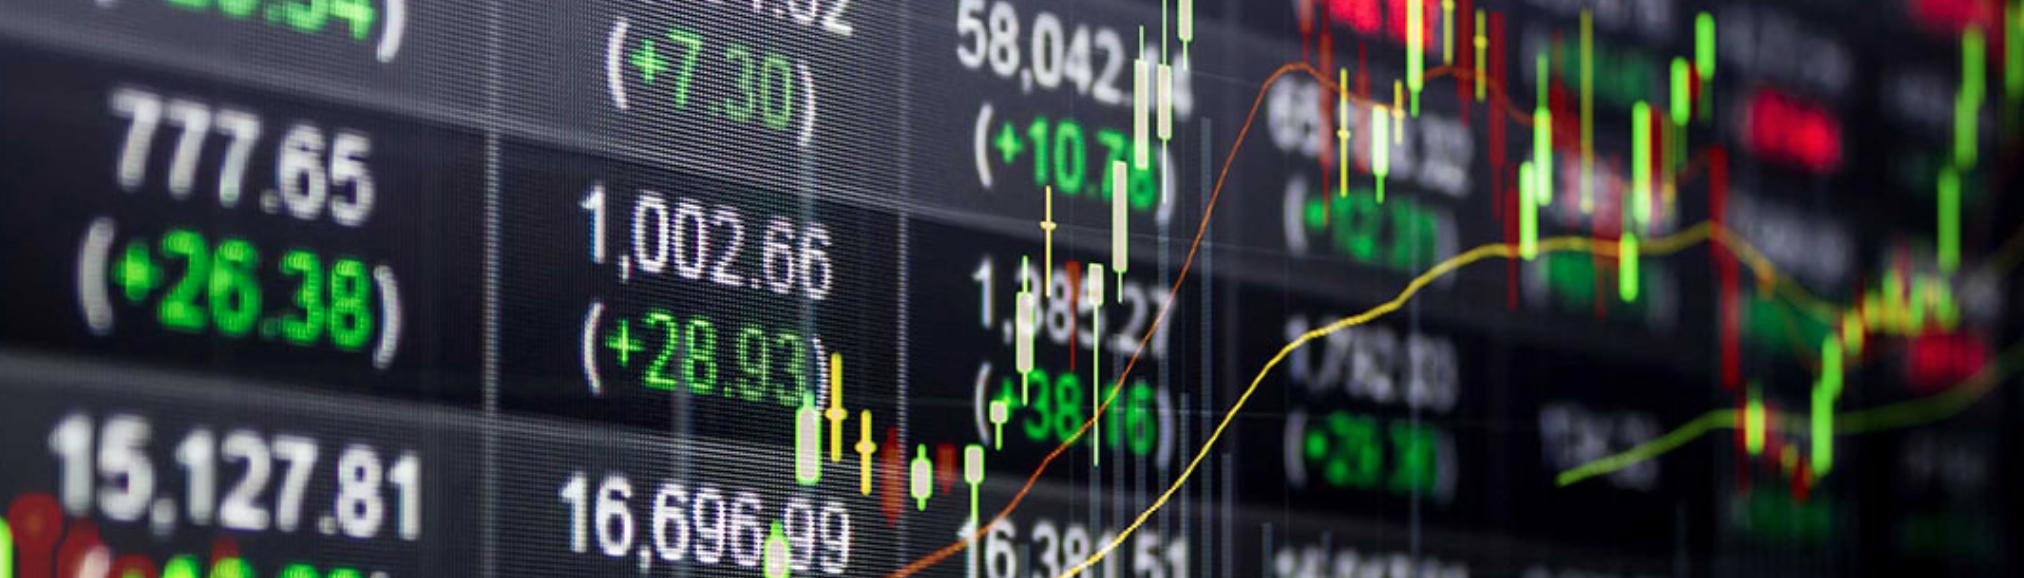 guide trading en ligne